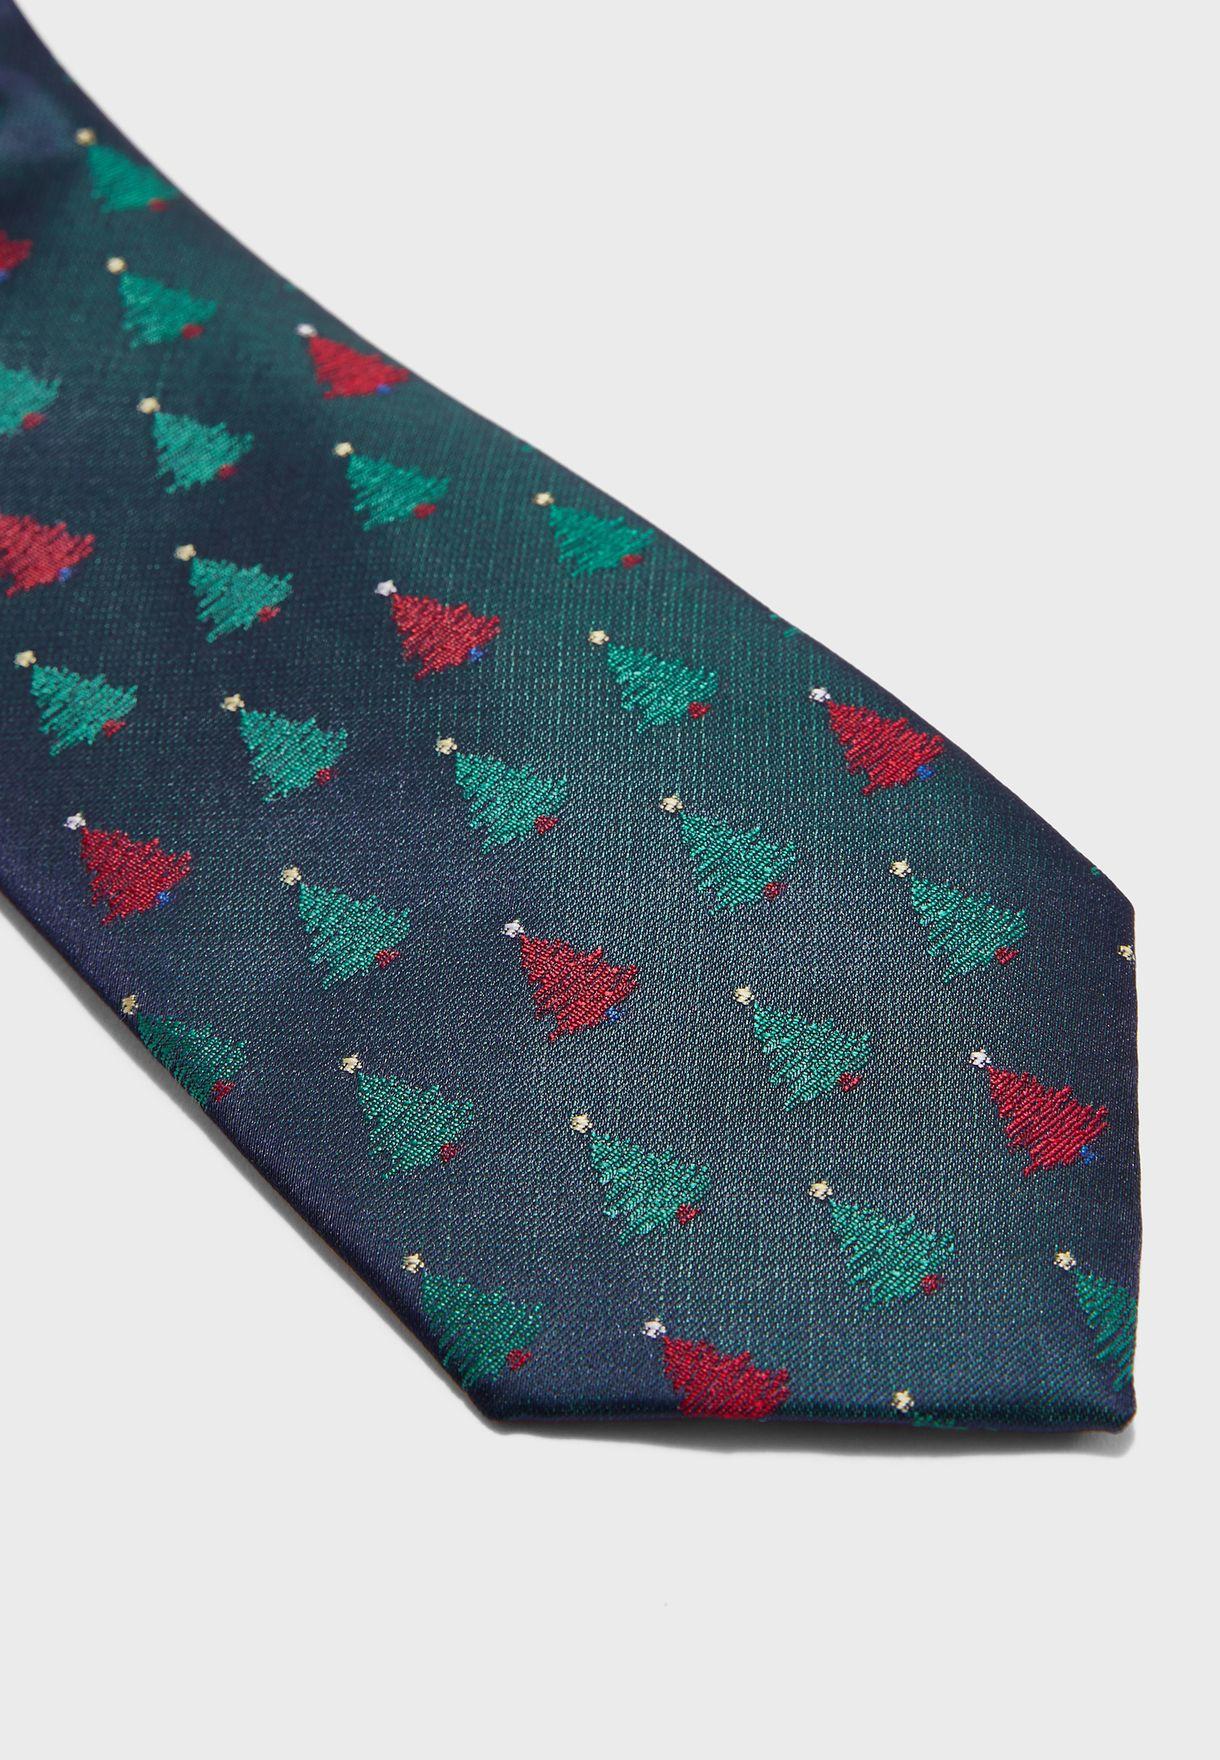 ربطة عنق بطبعات